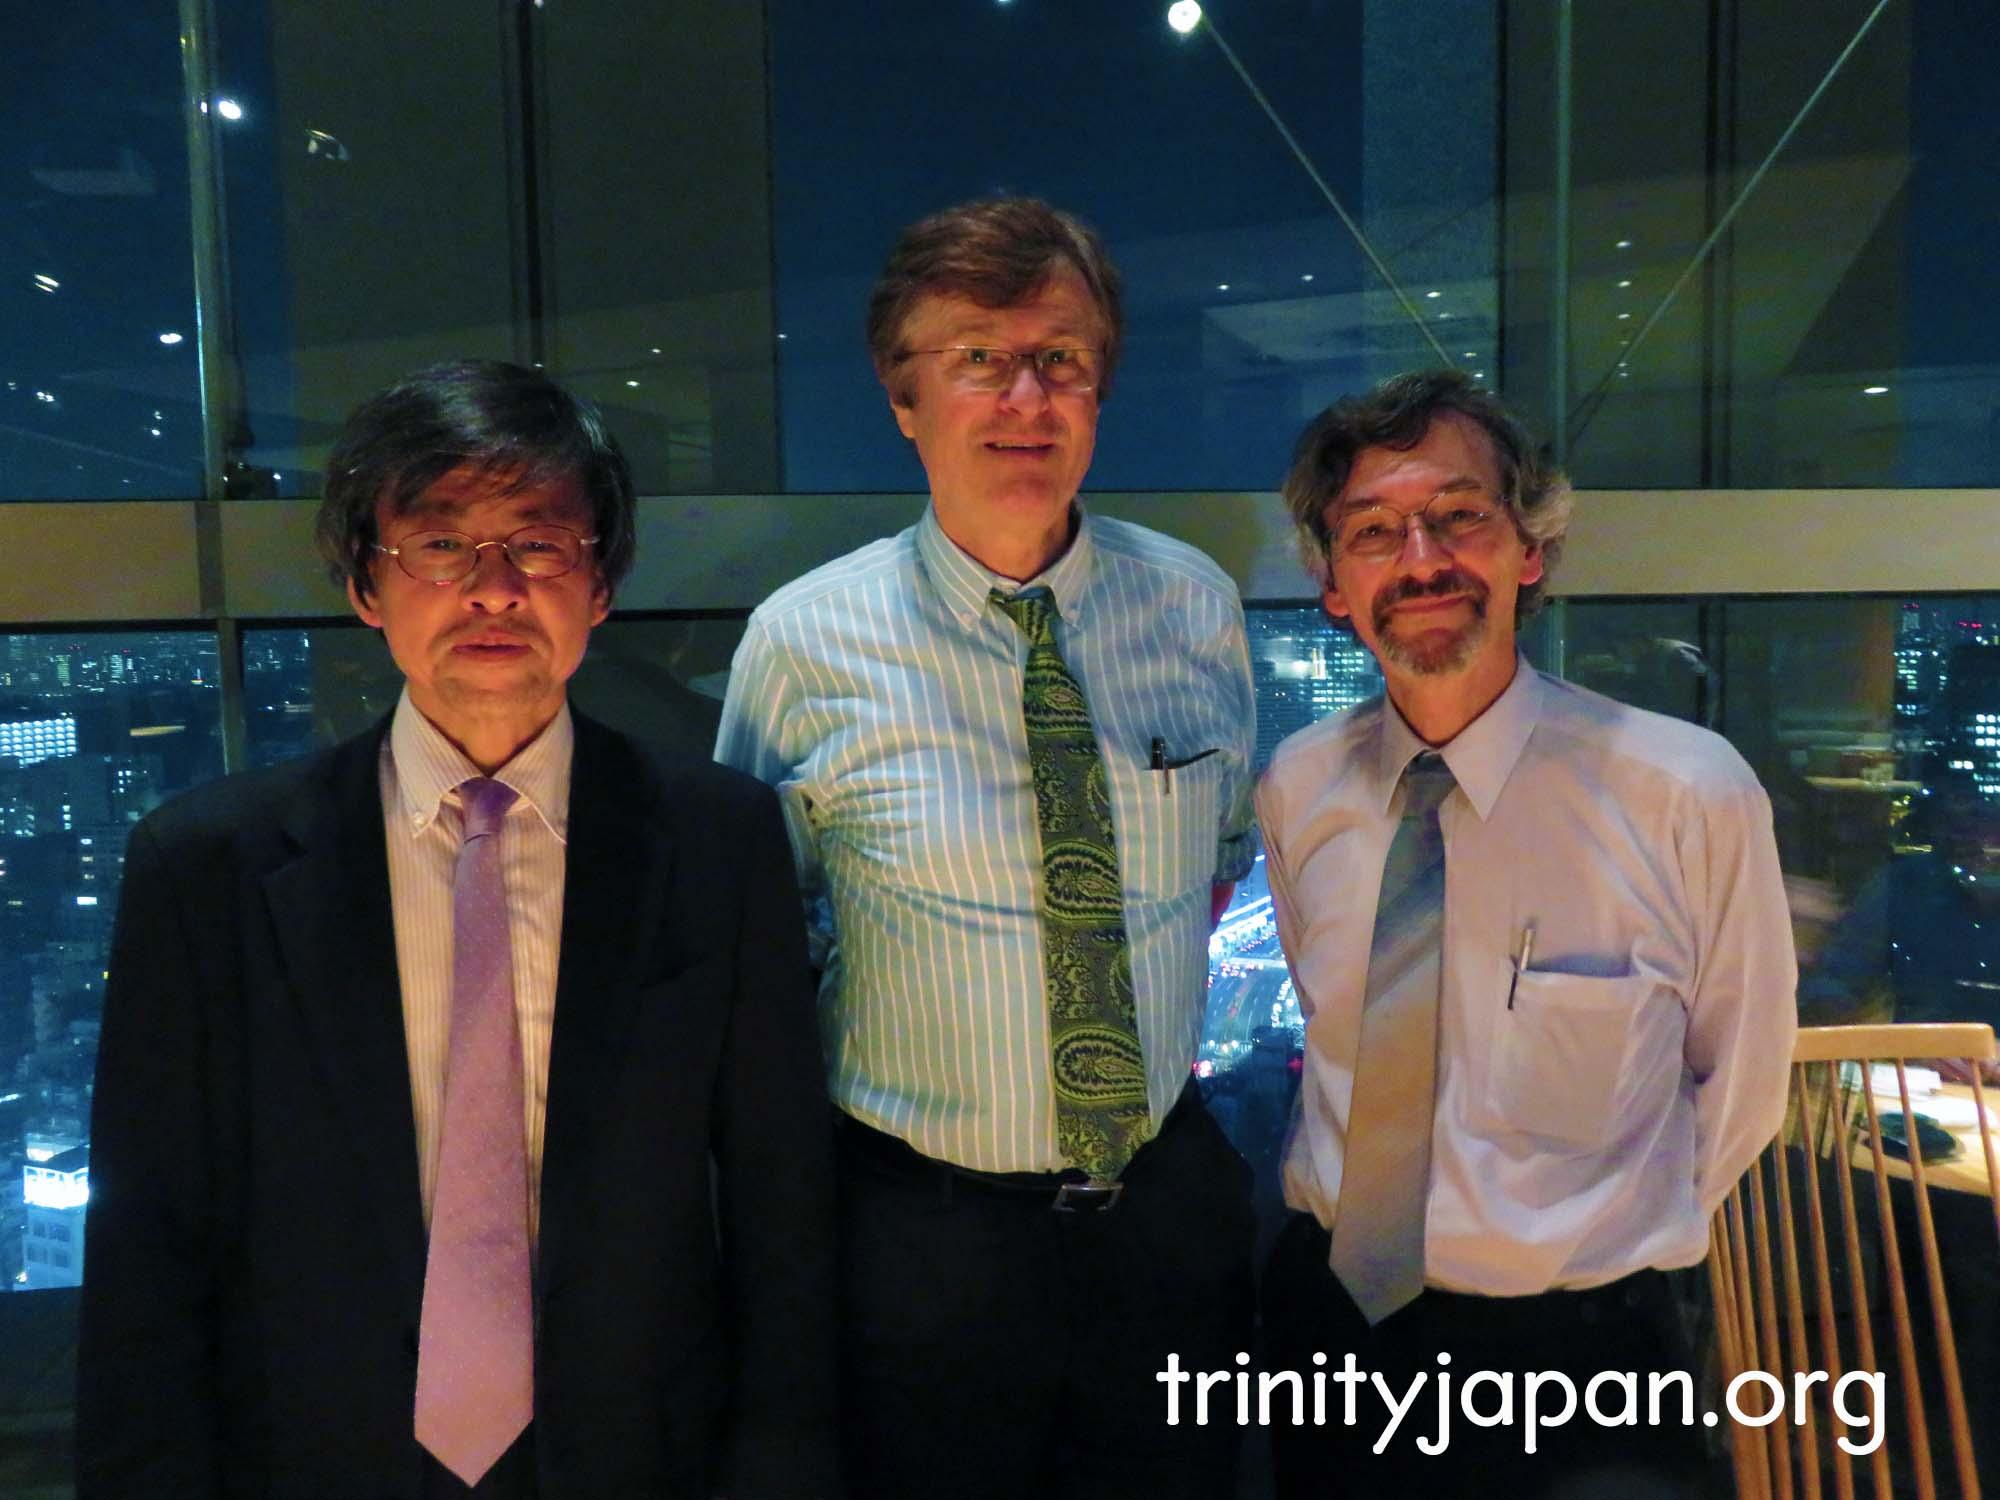 トリニティ・イン・ジャパン・ソサエティのミーティング、木曜日2016年5月27日